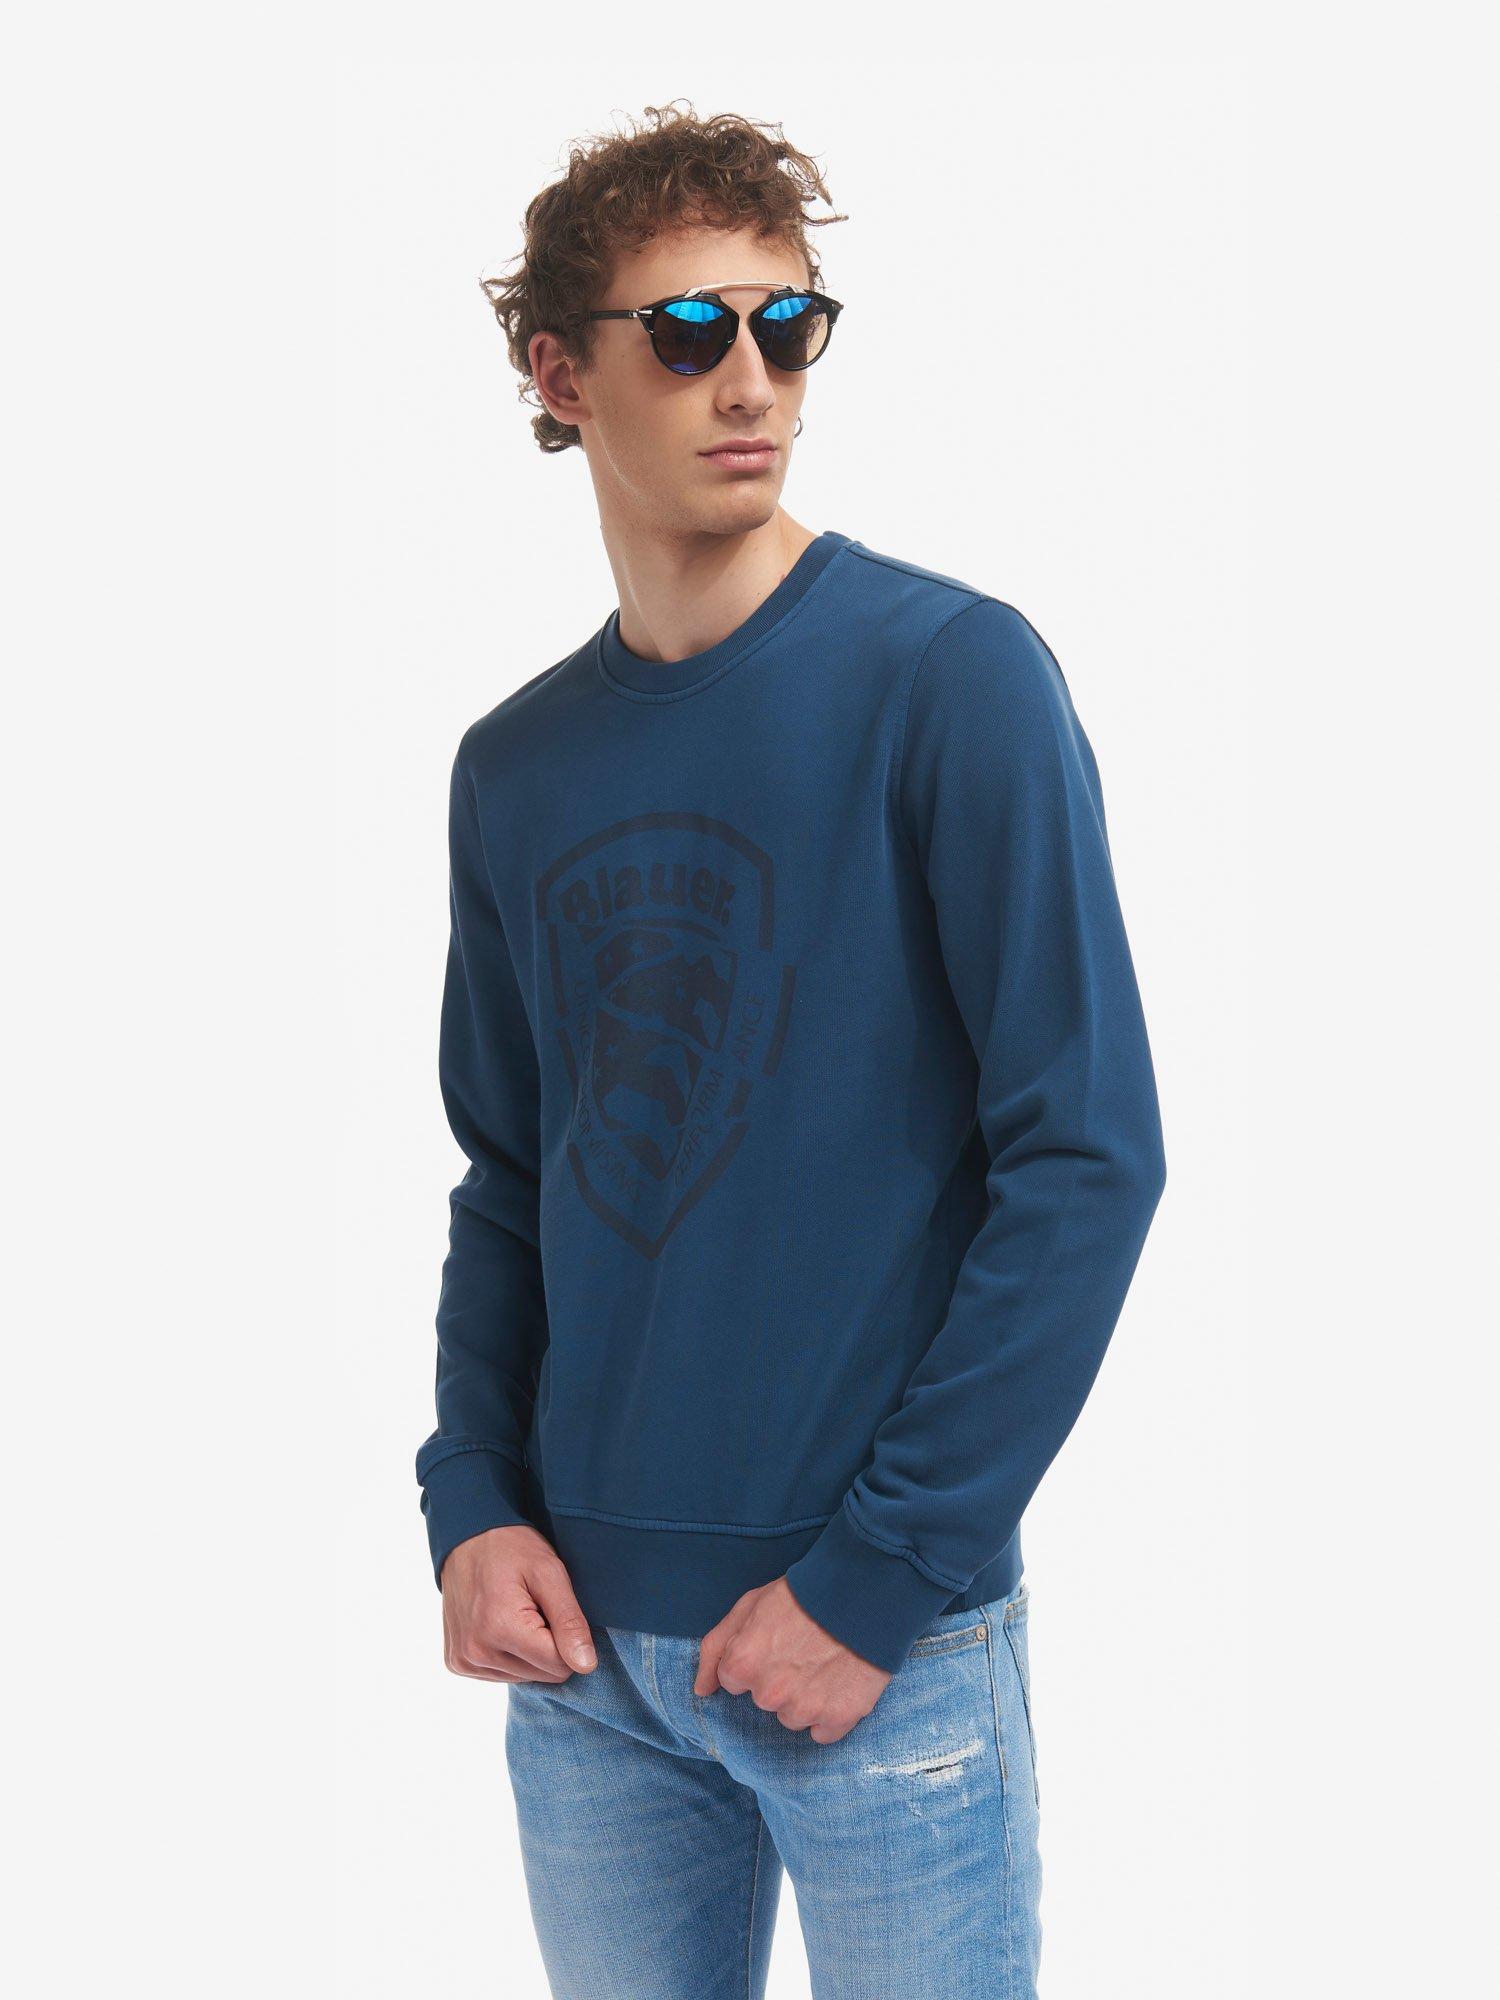 BLAUER COTTON CREW NECK SWEATSHIRT - Blauer